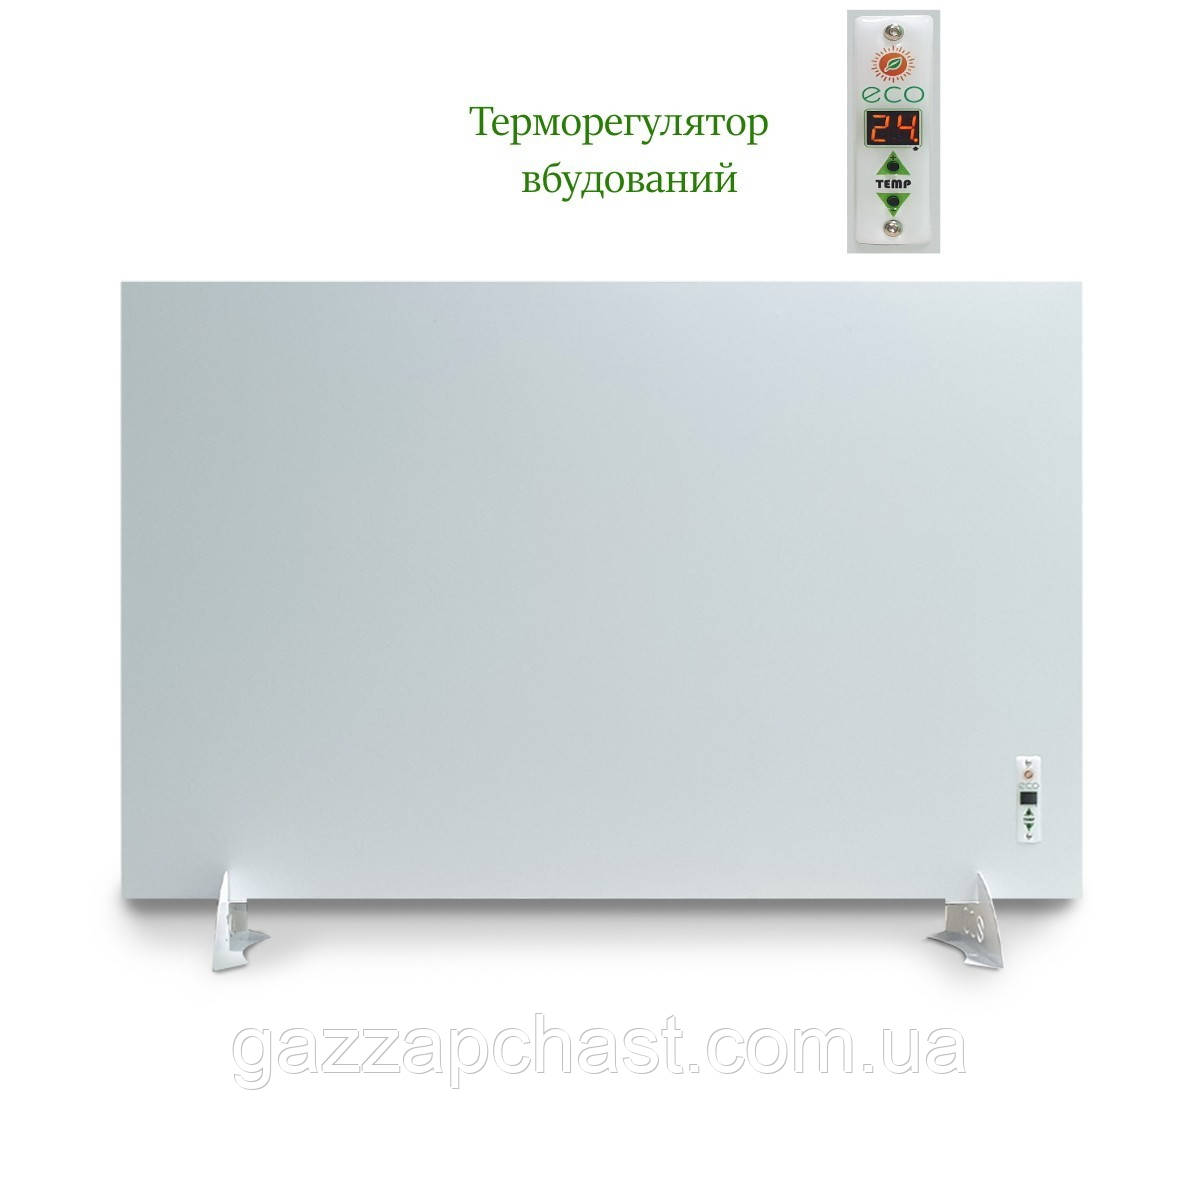 Конвектор ECO 1000